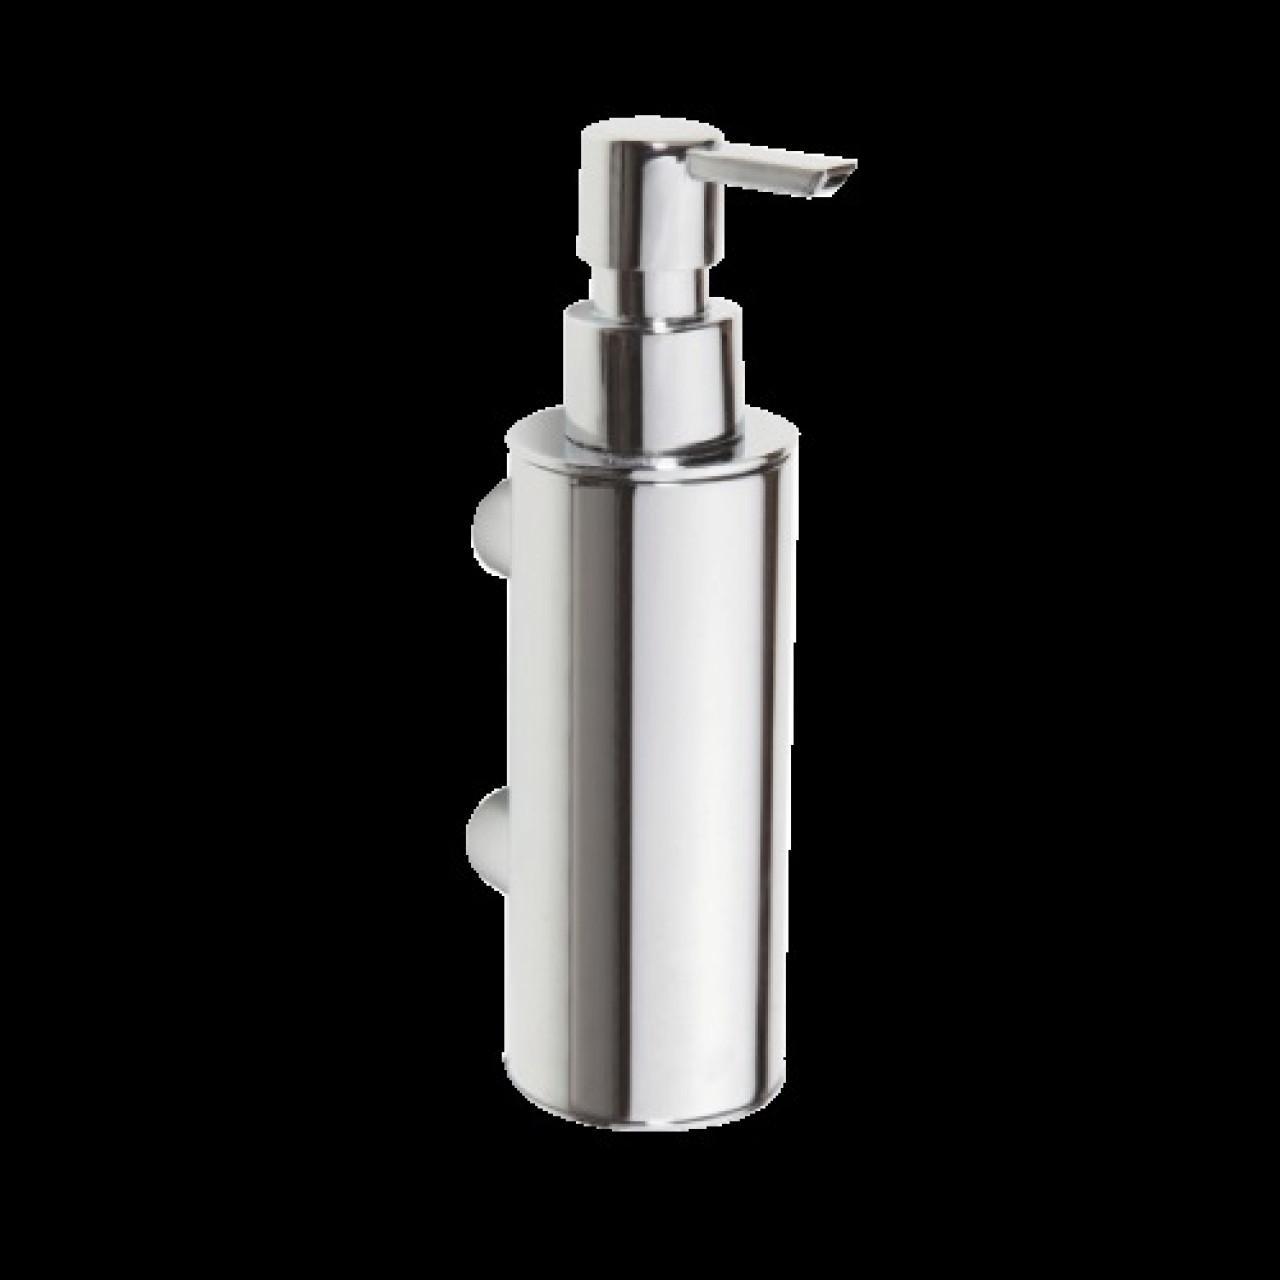 Настенный дозатор для жидкого мыла BEMETA OMEGA 104609172 купить в Москве по цене от 2563р. в интернет-магазине mebel-v-vannu.ru